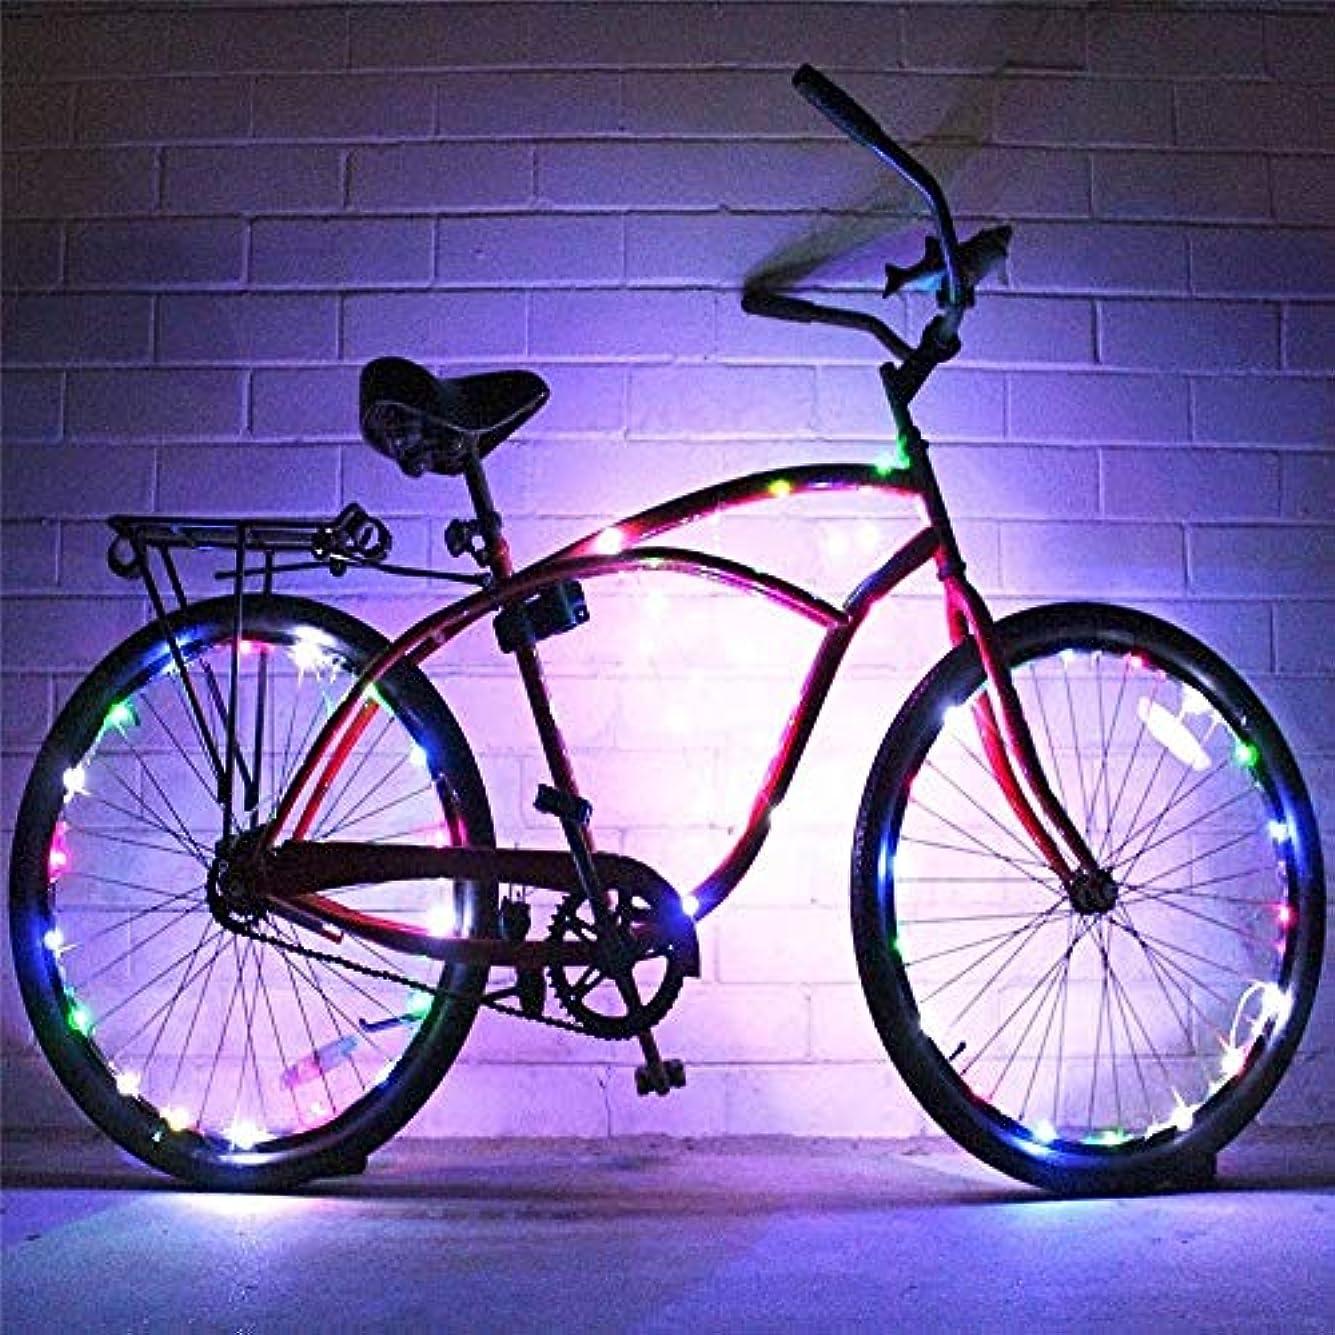 申請中望む低下充電式自転車ライト 2セットの自転車ホイールライト文字列超明るいLED各種色自転車タイヤアクセサリー自転車リムライト自転車スポークライト超高輝度LED防水ホイールライトバイクライト (色 : マルチカラー, サイズ : 2 pcs)